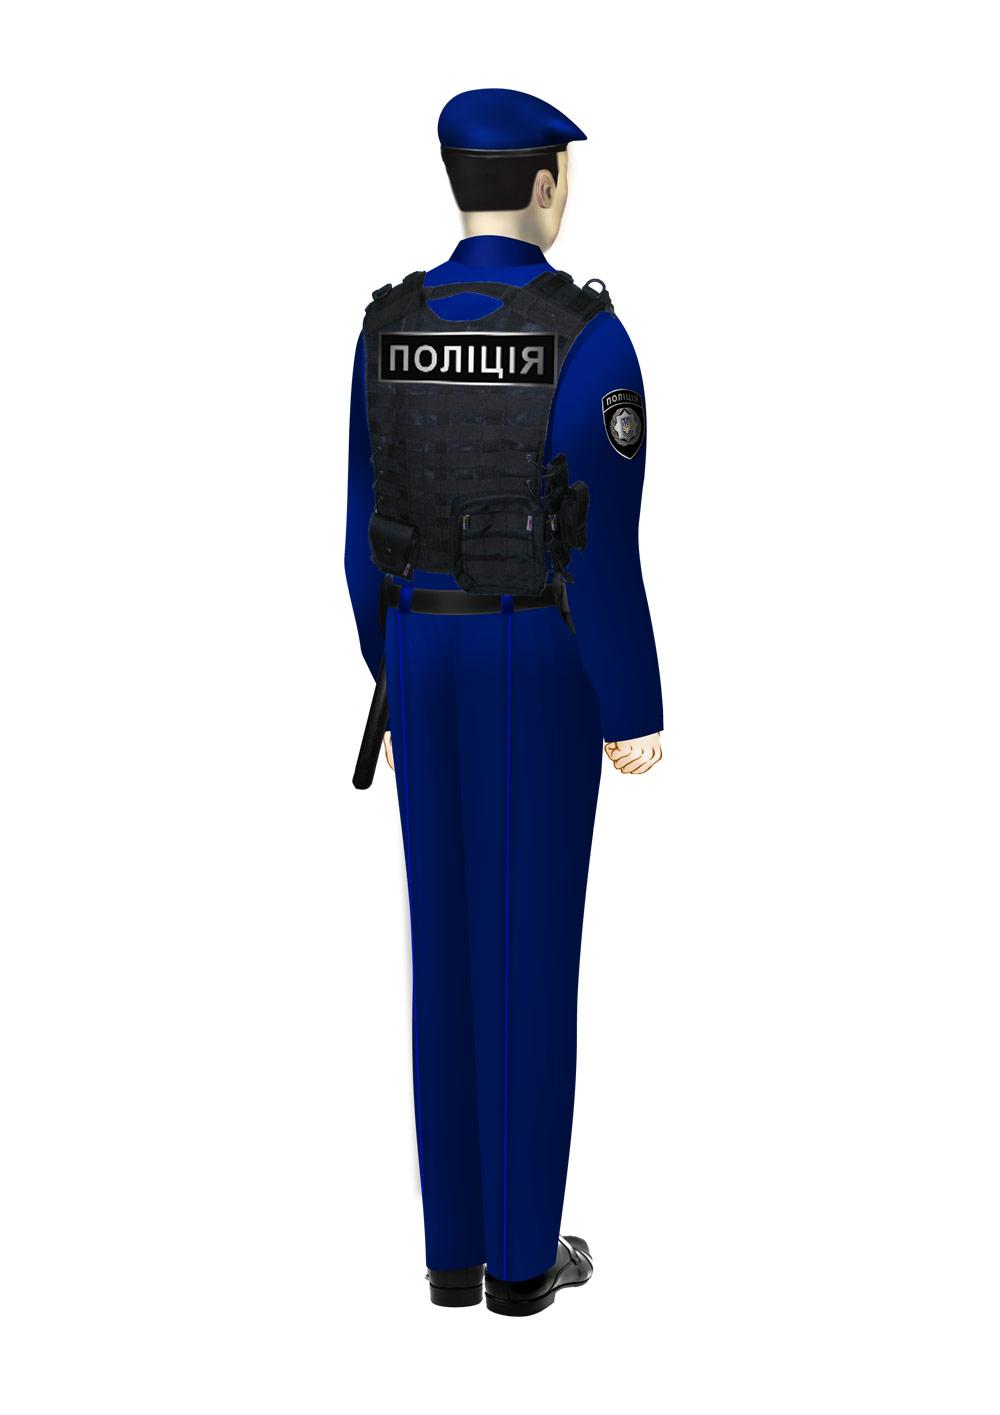 Предложенная форма для украинской полиции. Фото предоставлено производственным концерном «Военторг ДиСи»